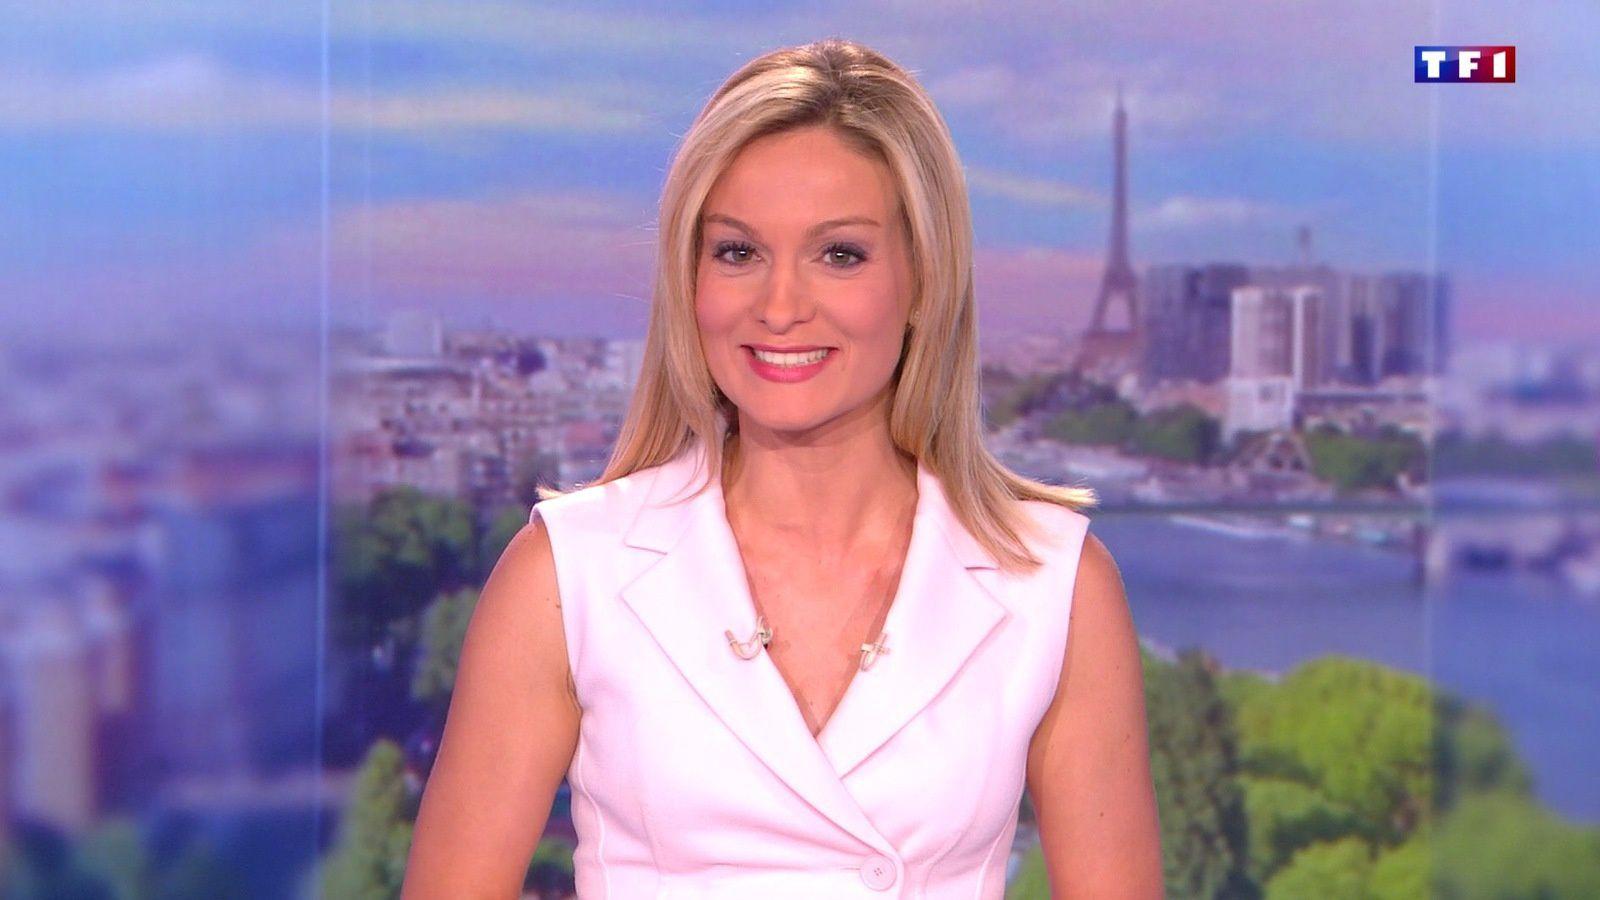 LE 20H WEEK-END d'AUDREY CRESPO-MARA le 2016 08 07 sur TF1